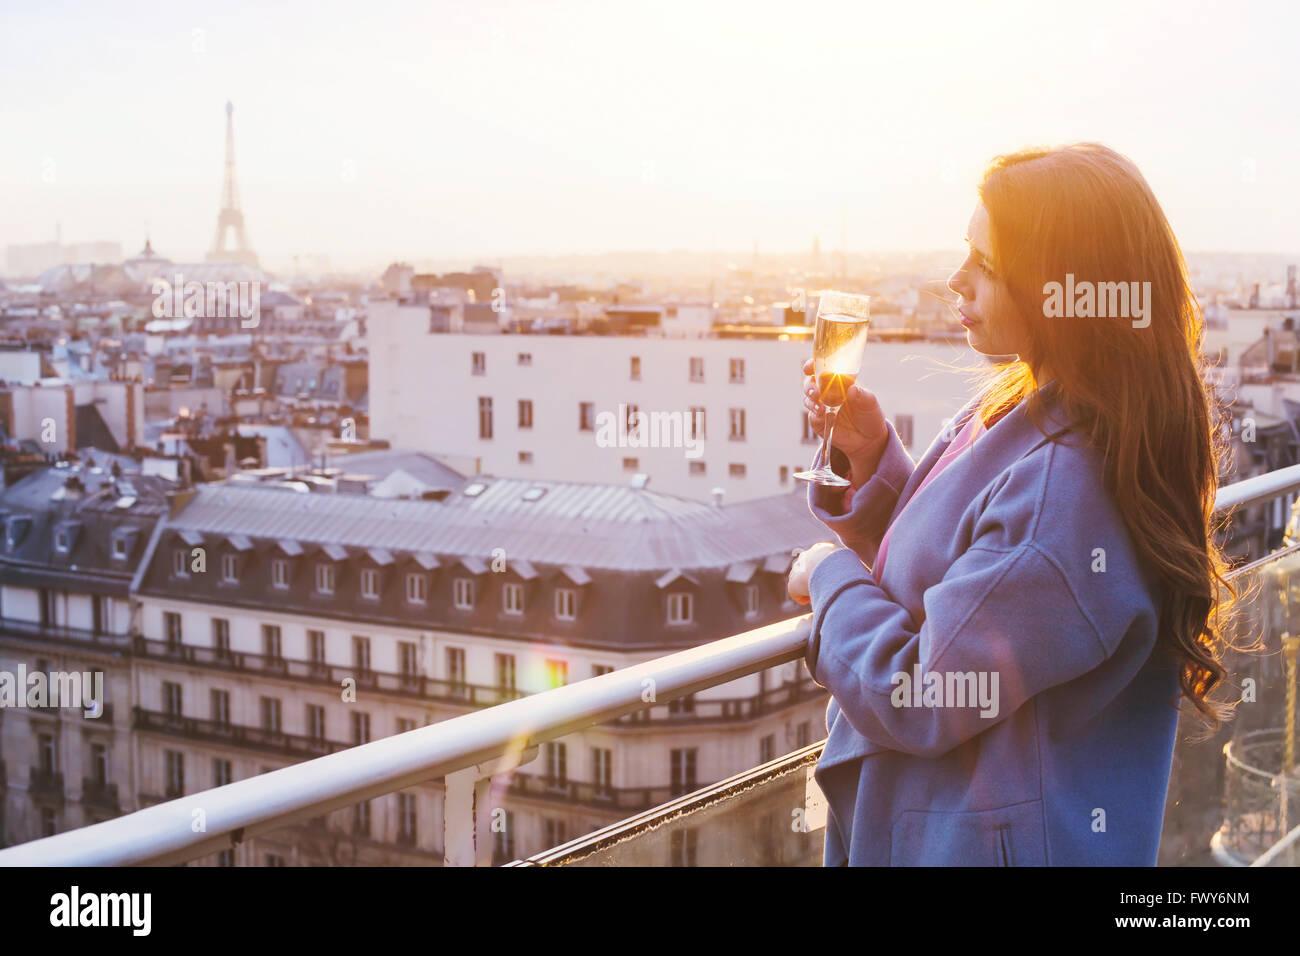 Frau genießen Panoramablick über Paris und Eiffel Turm bei Sonnenuntergang, Glas Wein oder Champagner Stockbild